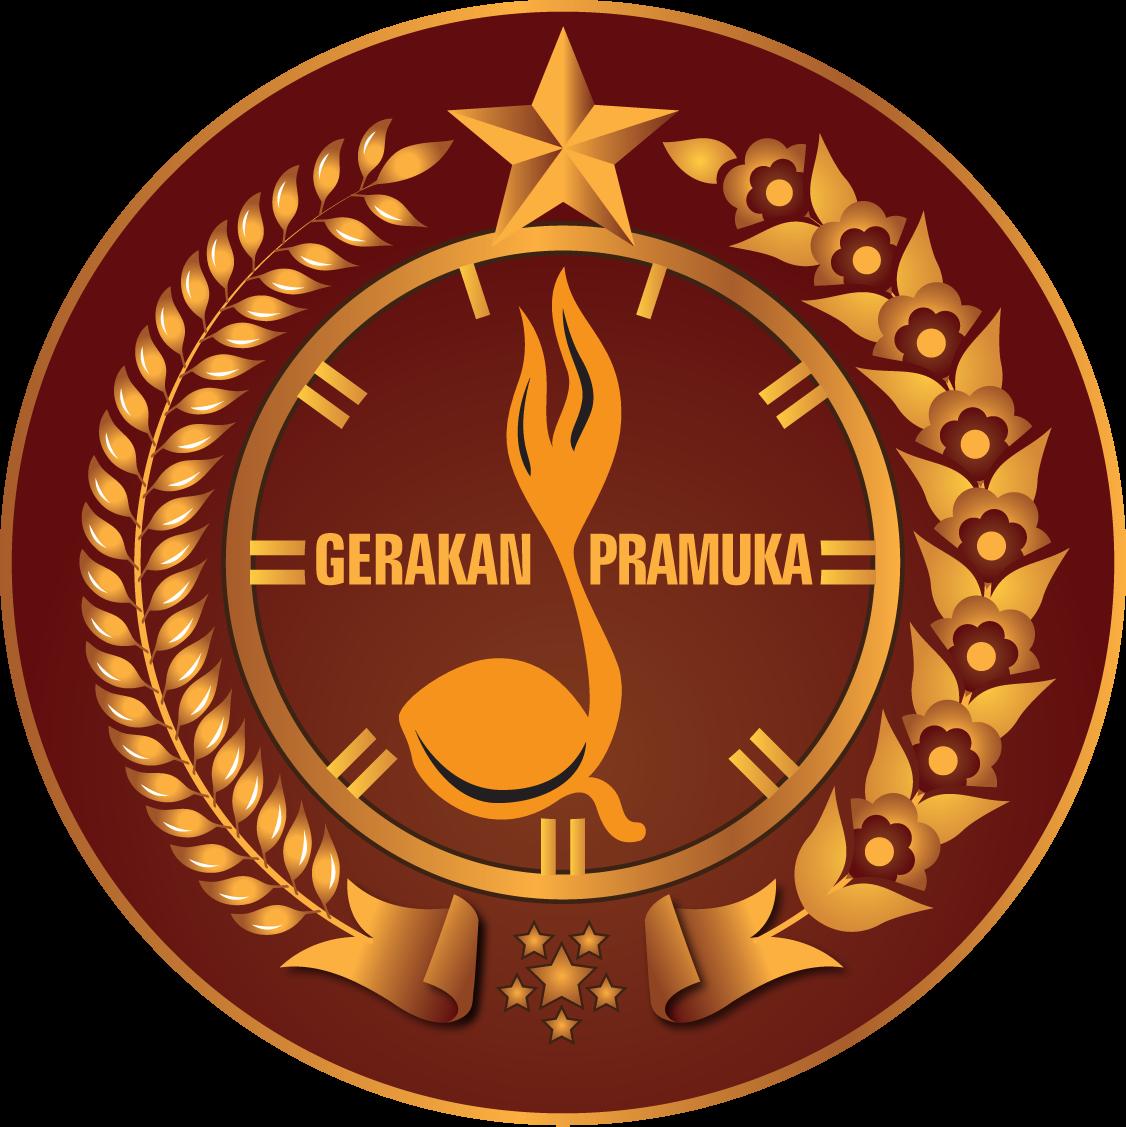 Lambang Pramuka Indonesia Dan Artinya